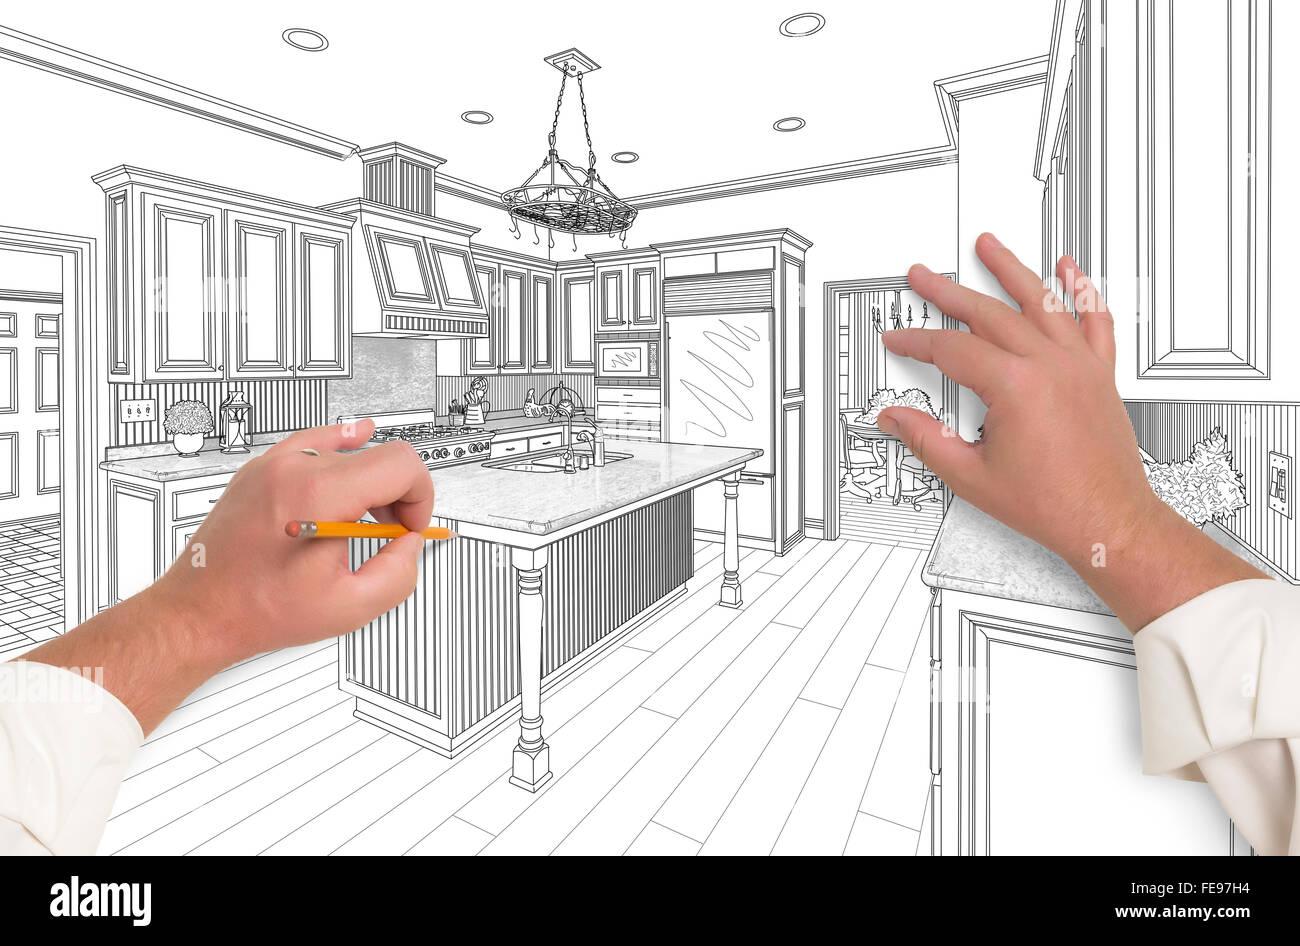 Pencil Art Building Sketch Stockfotos & Pencil Art Building Sketch ...